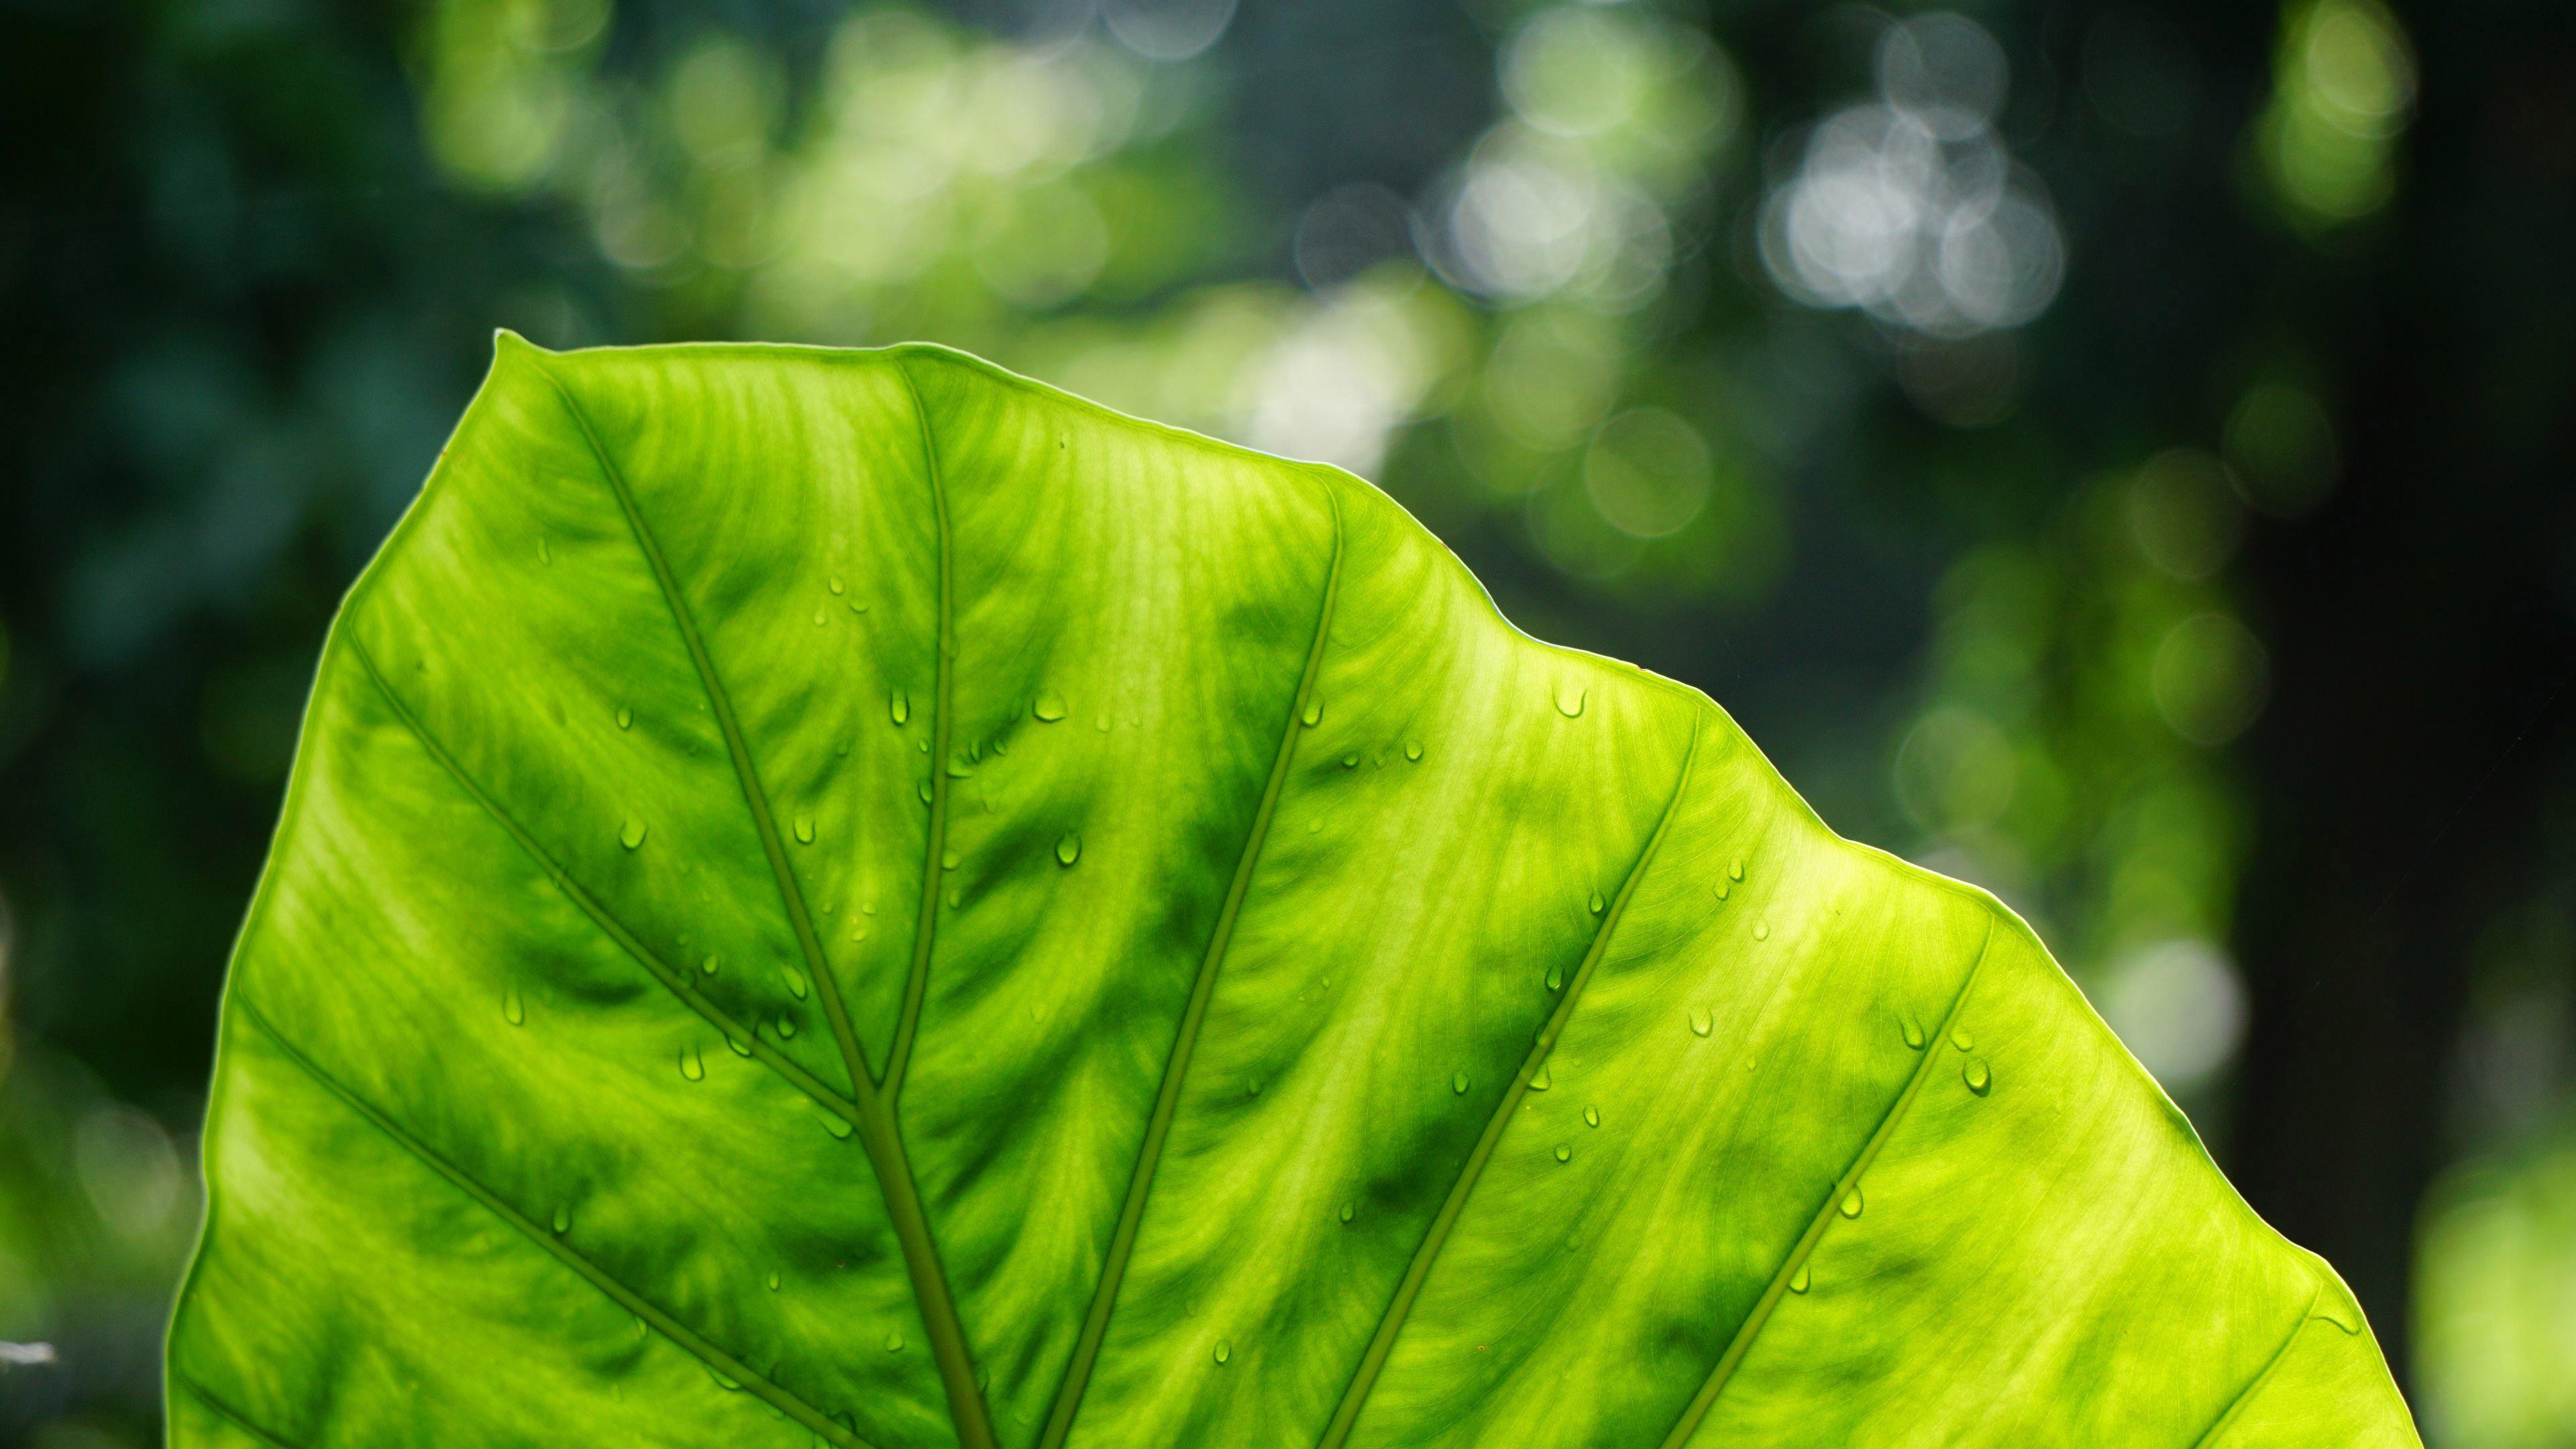 Ярко-зеленый лист